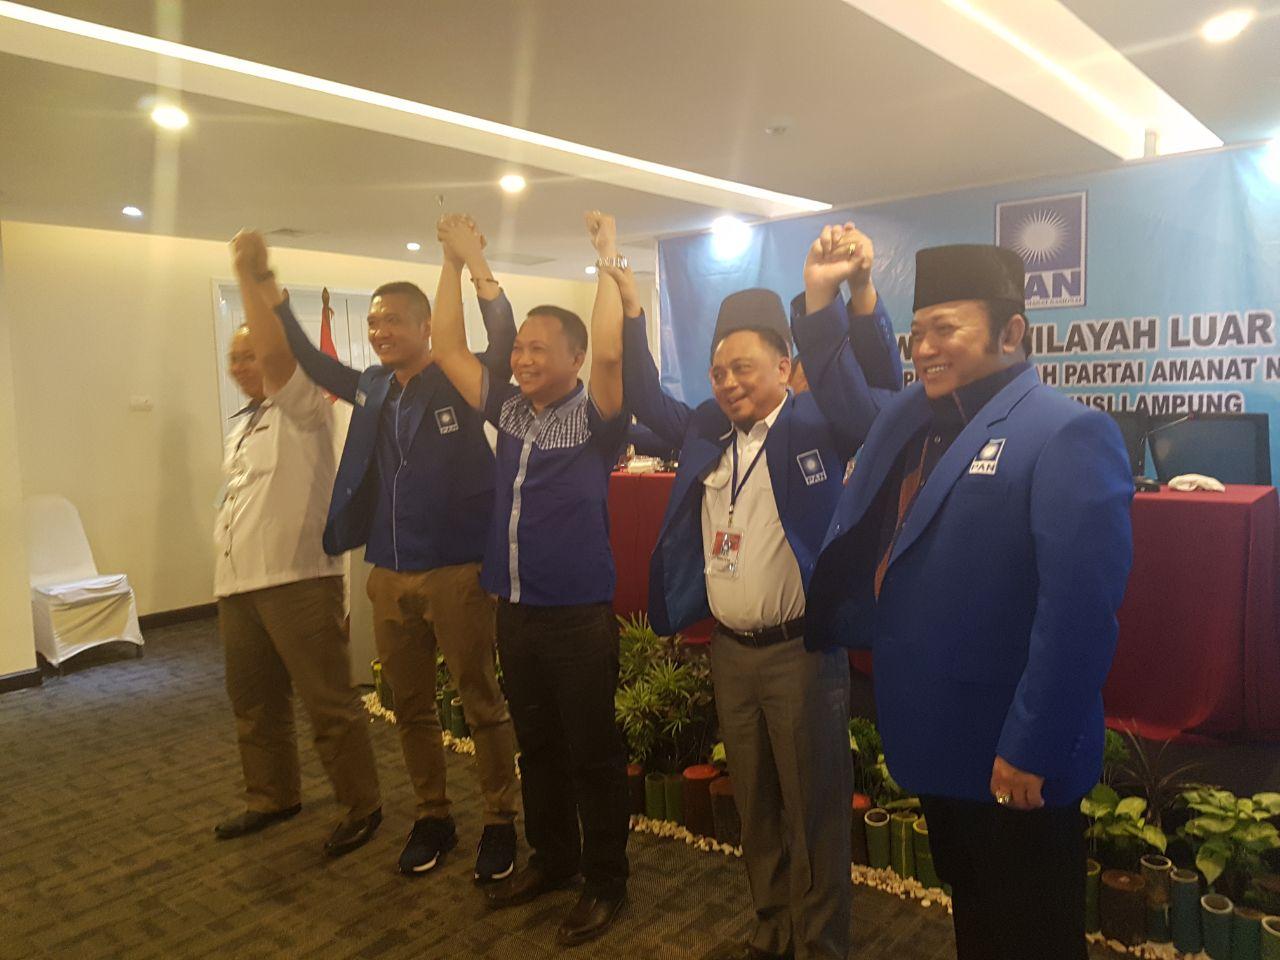 LAMPUNG POST   Zainudin Hasan Jadi Ketua PAN Lampung, Gantikan Bachtiar Basri